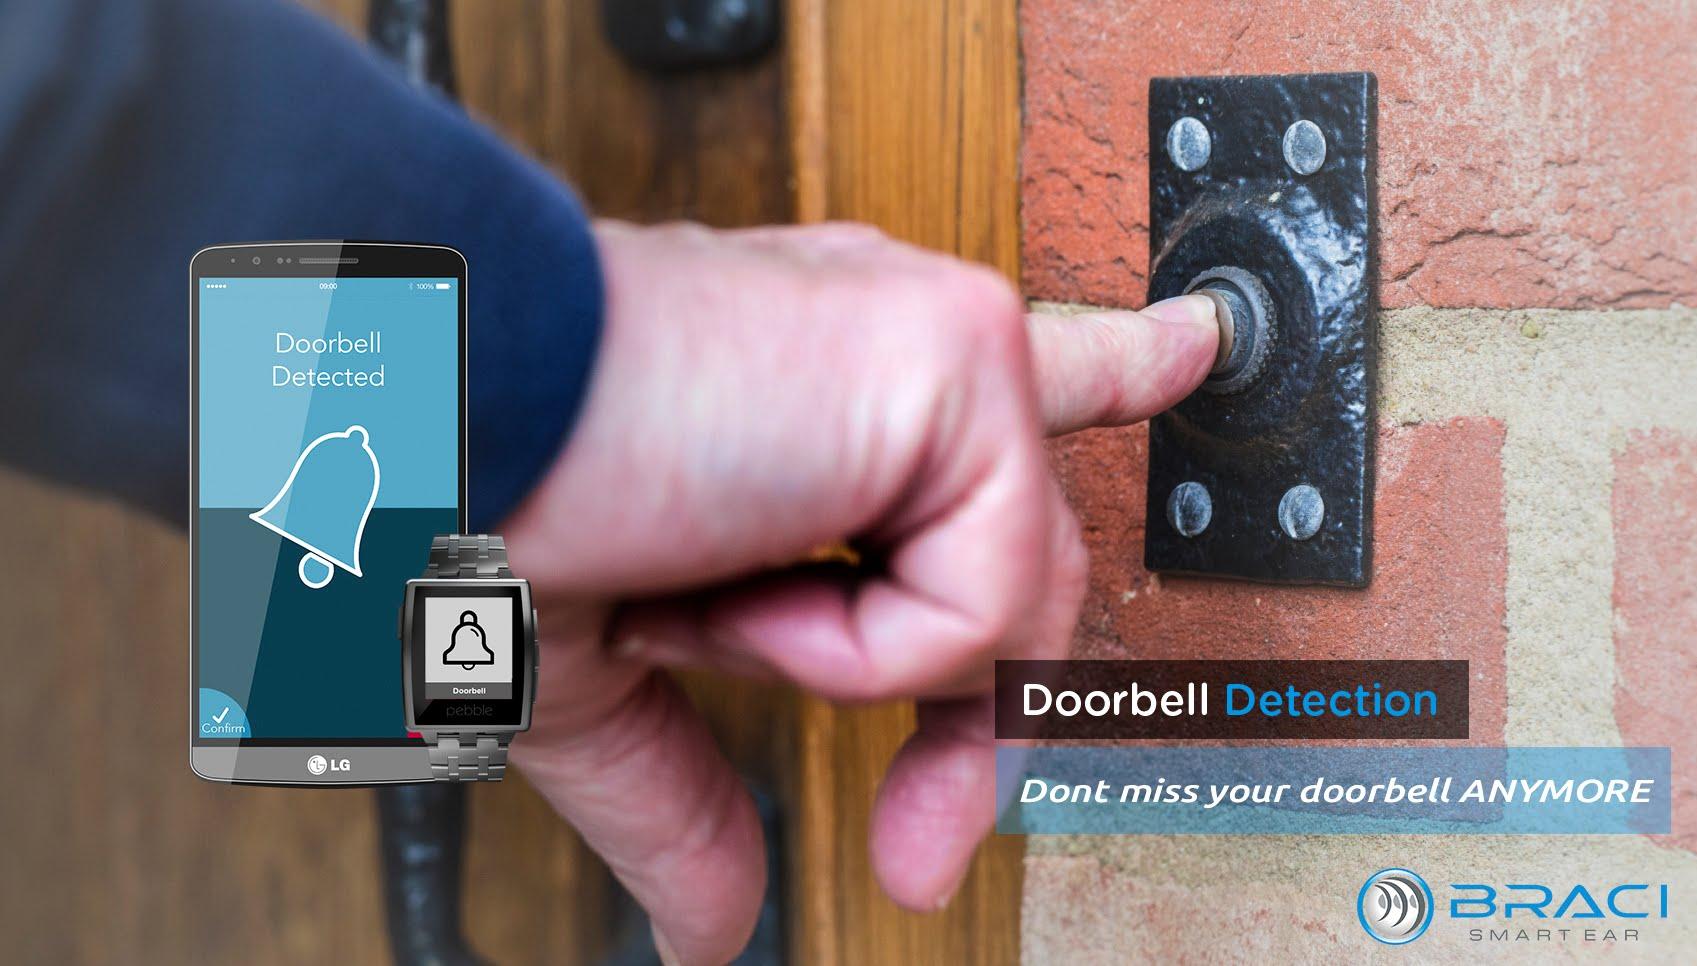 Image of Alert on Braci for doorbell